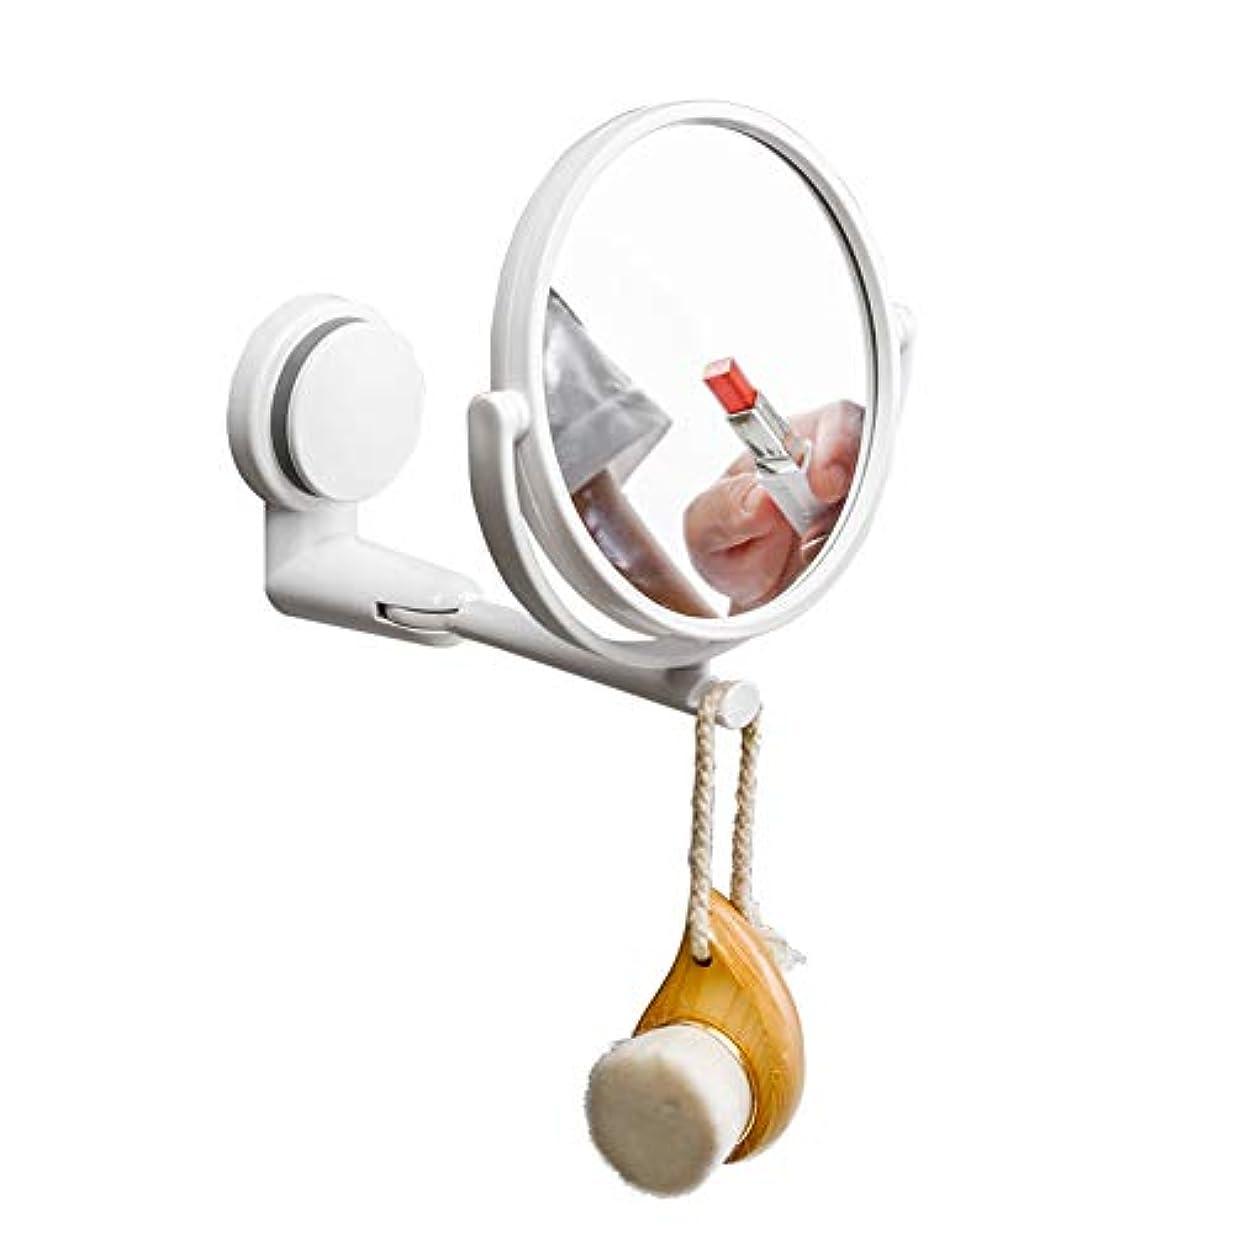 無しびっくりするまさにCatChi 壁付けミラー 両面化粧鏡 3倍拡大鏡 折りたたみ 360度回転 女優ミラー 吸盤式 お風呂 洗面所 アームミラー 取り付け簡単